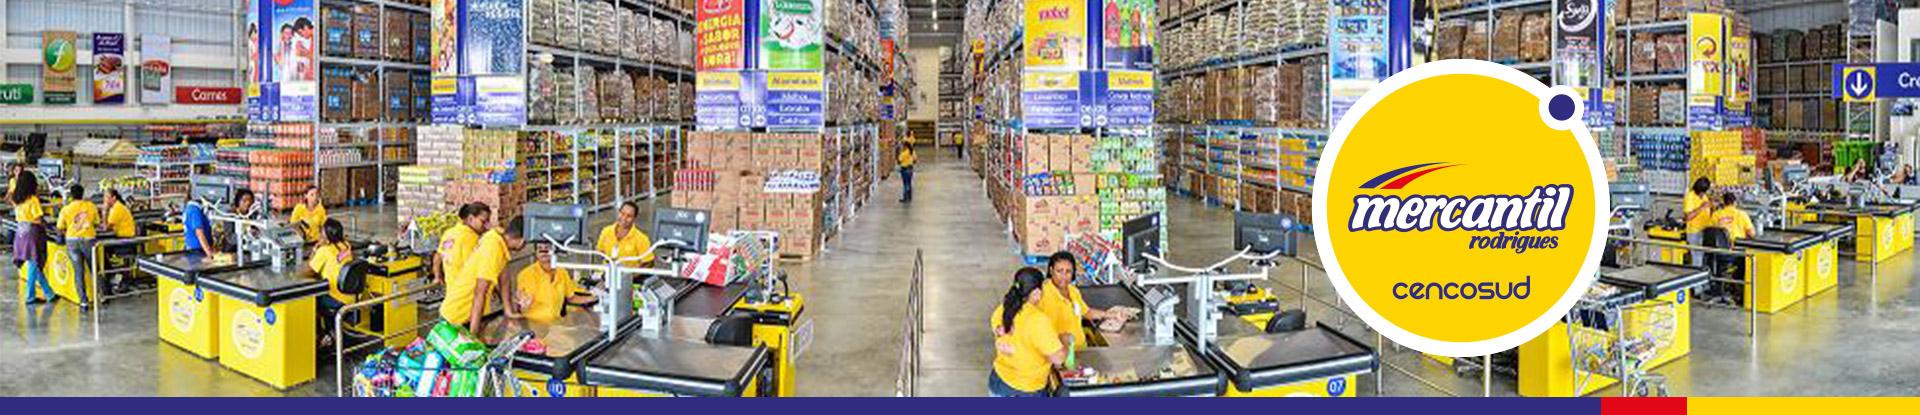 Rede de supermercados recebe currículos em vagas de emprego - Não exige experiência